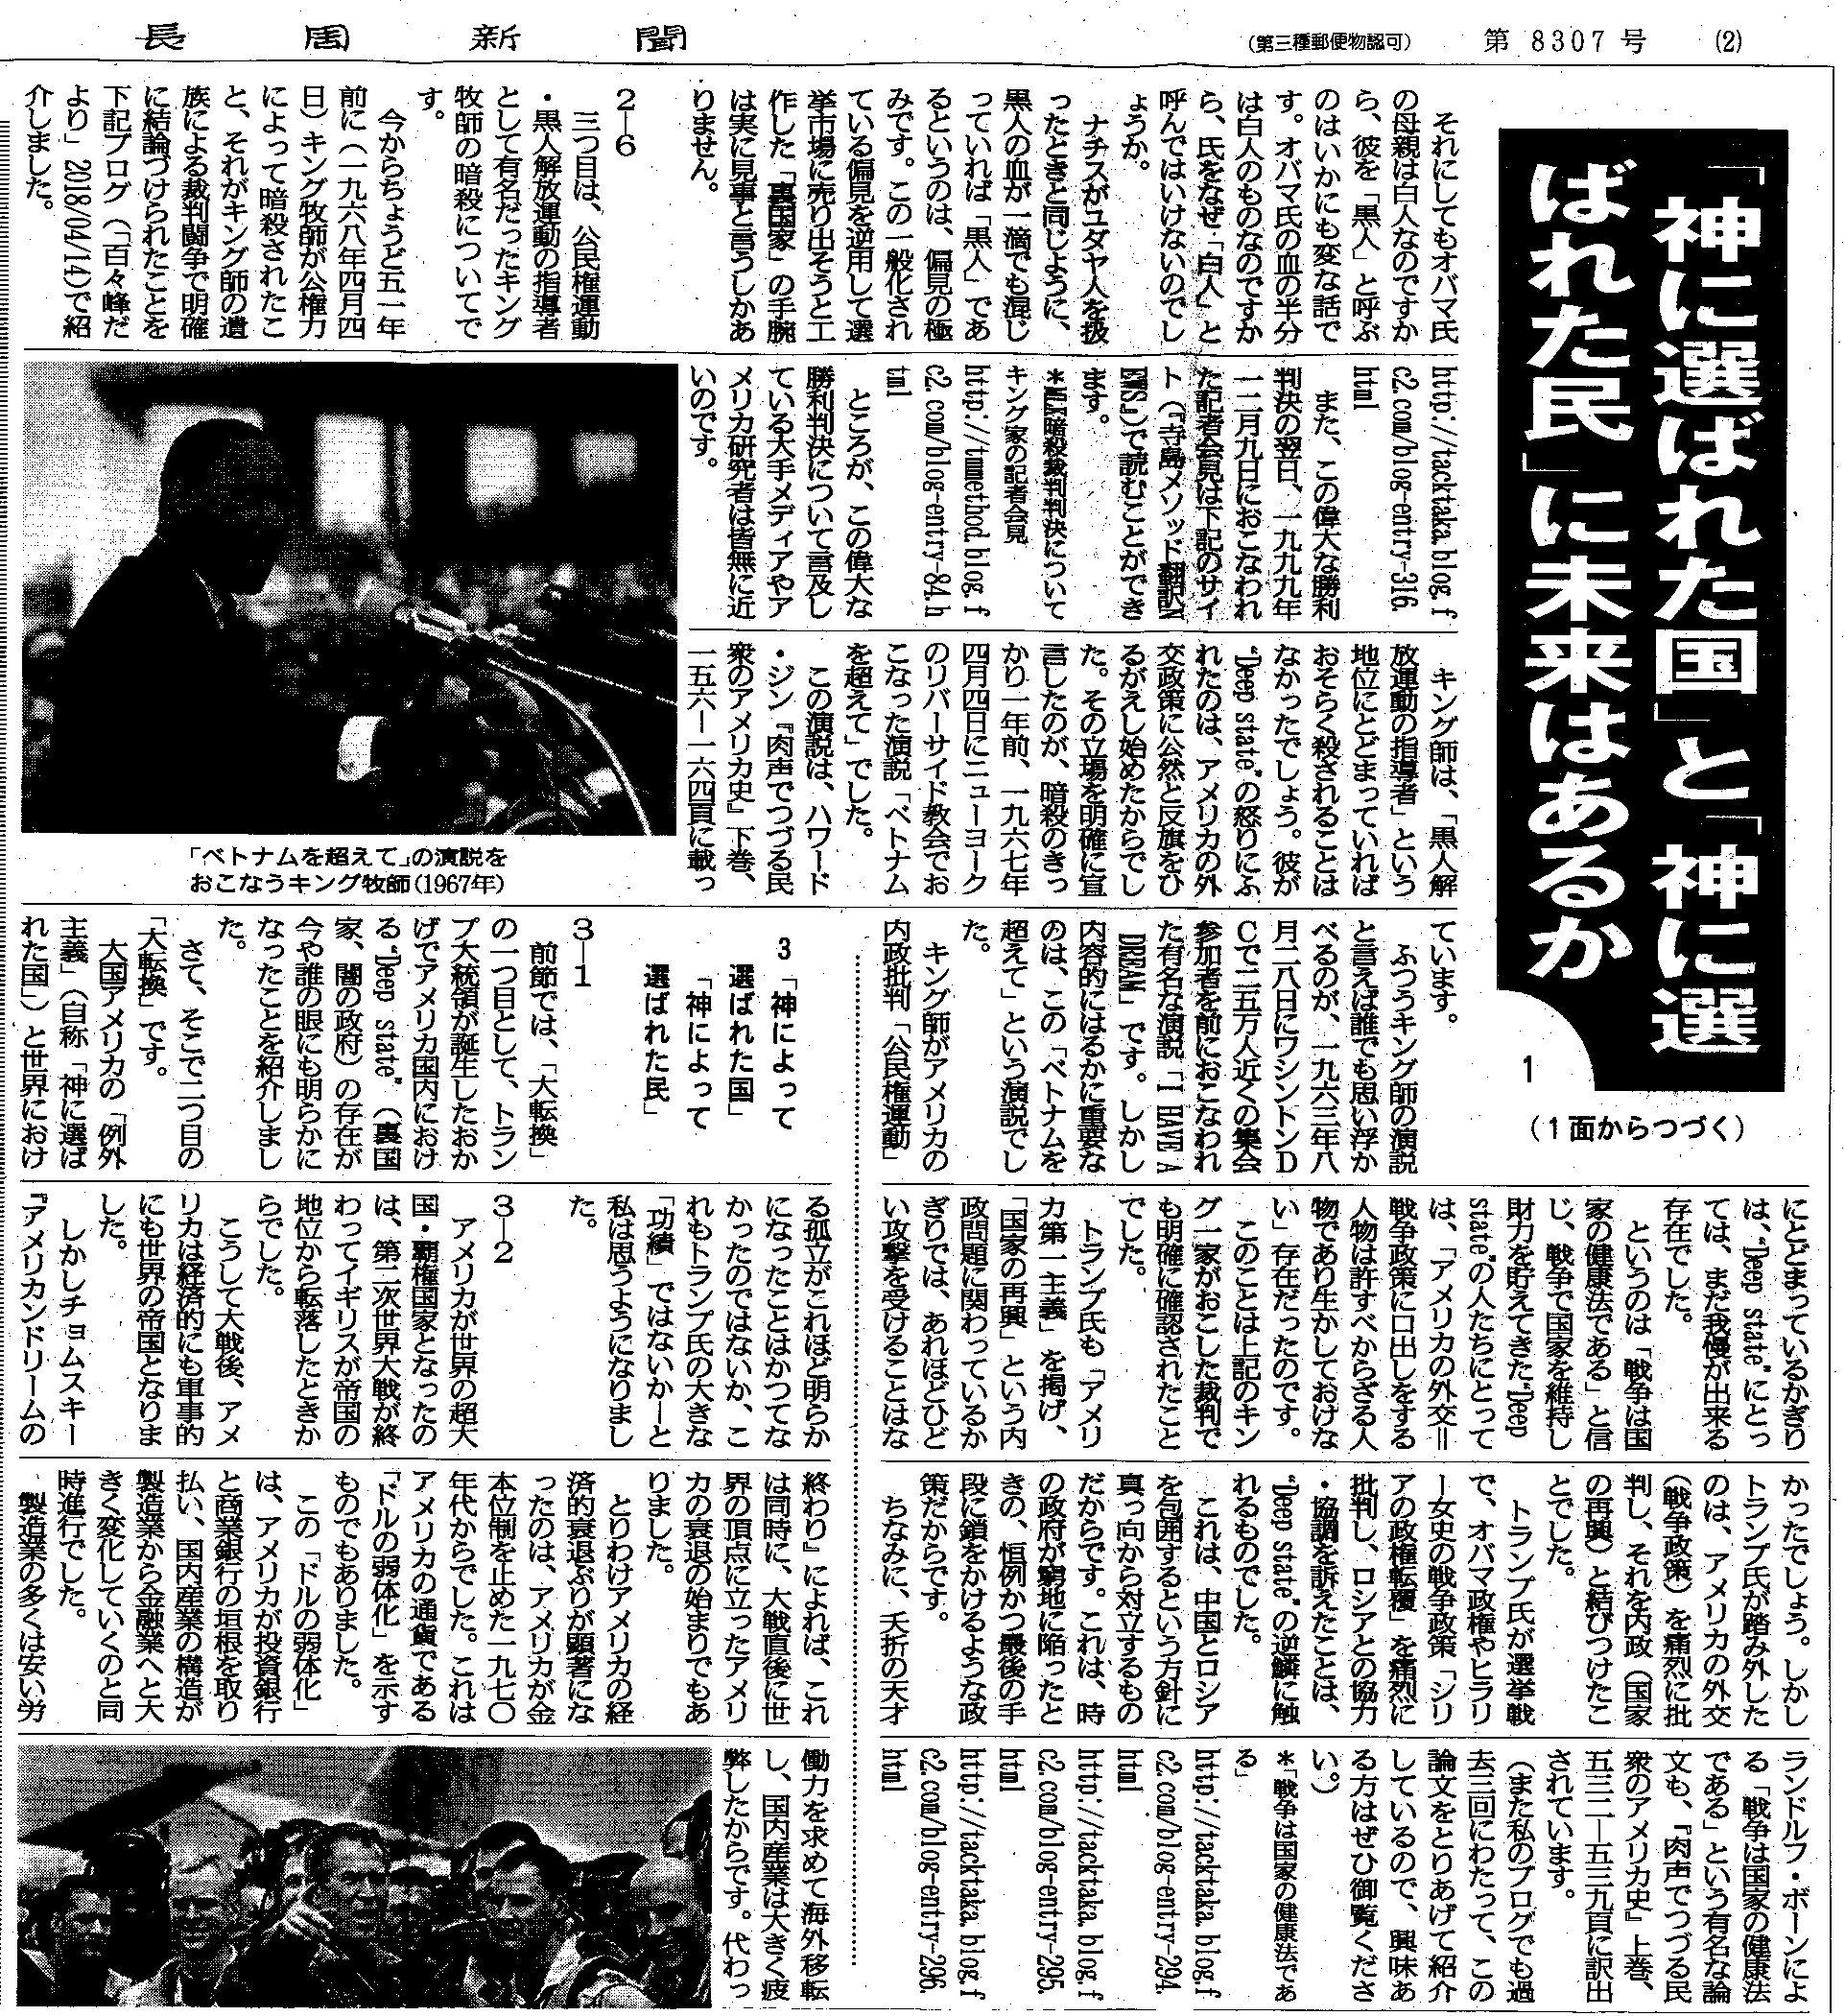 長州新聞20190208神に選ばれた国と神に選ばれた民に未来はあるか204